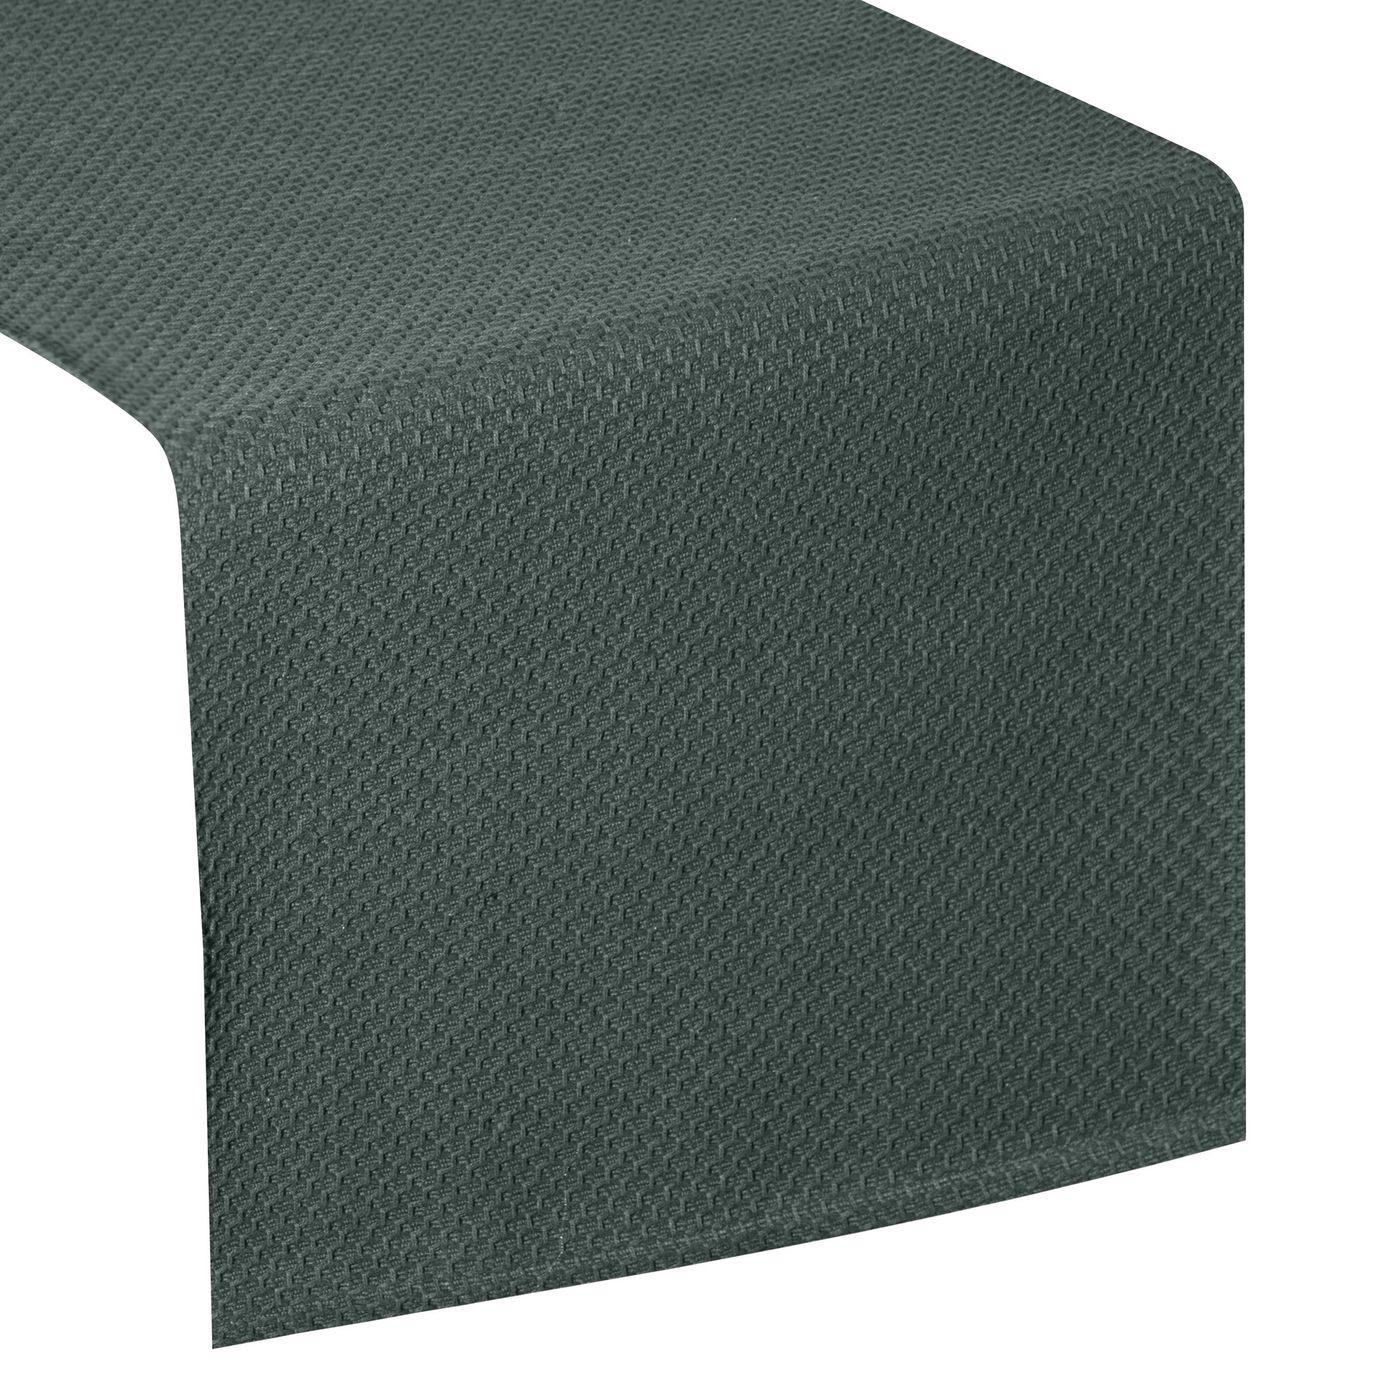 Ciemny zielony bieżnik na stół bawełniany 40x140 cm